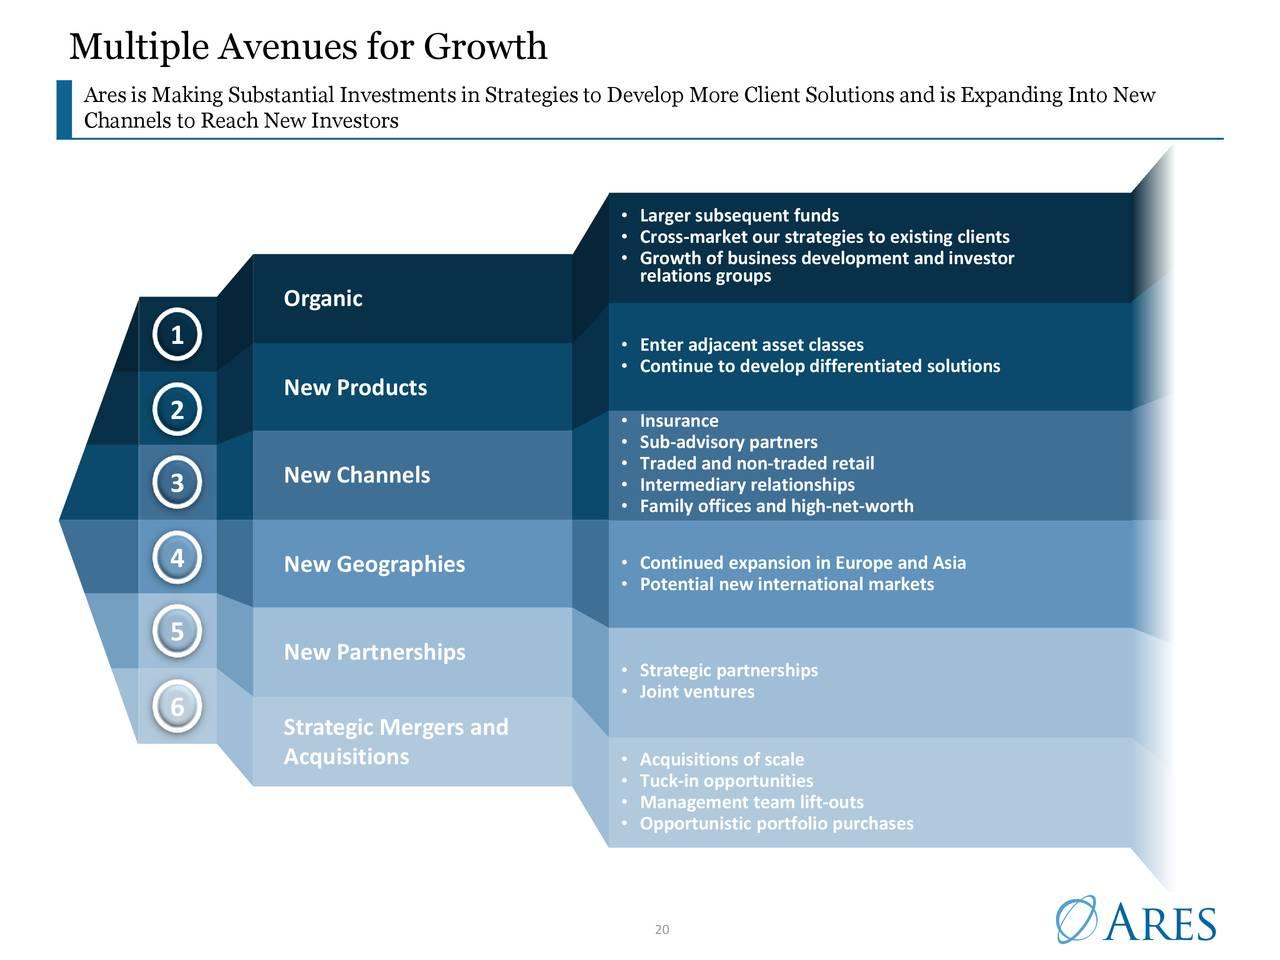 Múltiples caminos para el crecimiento